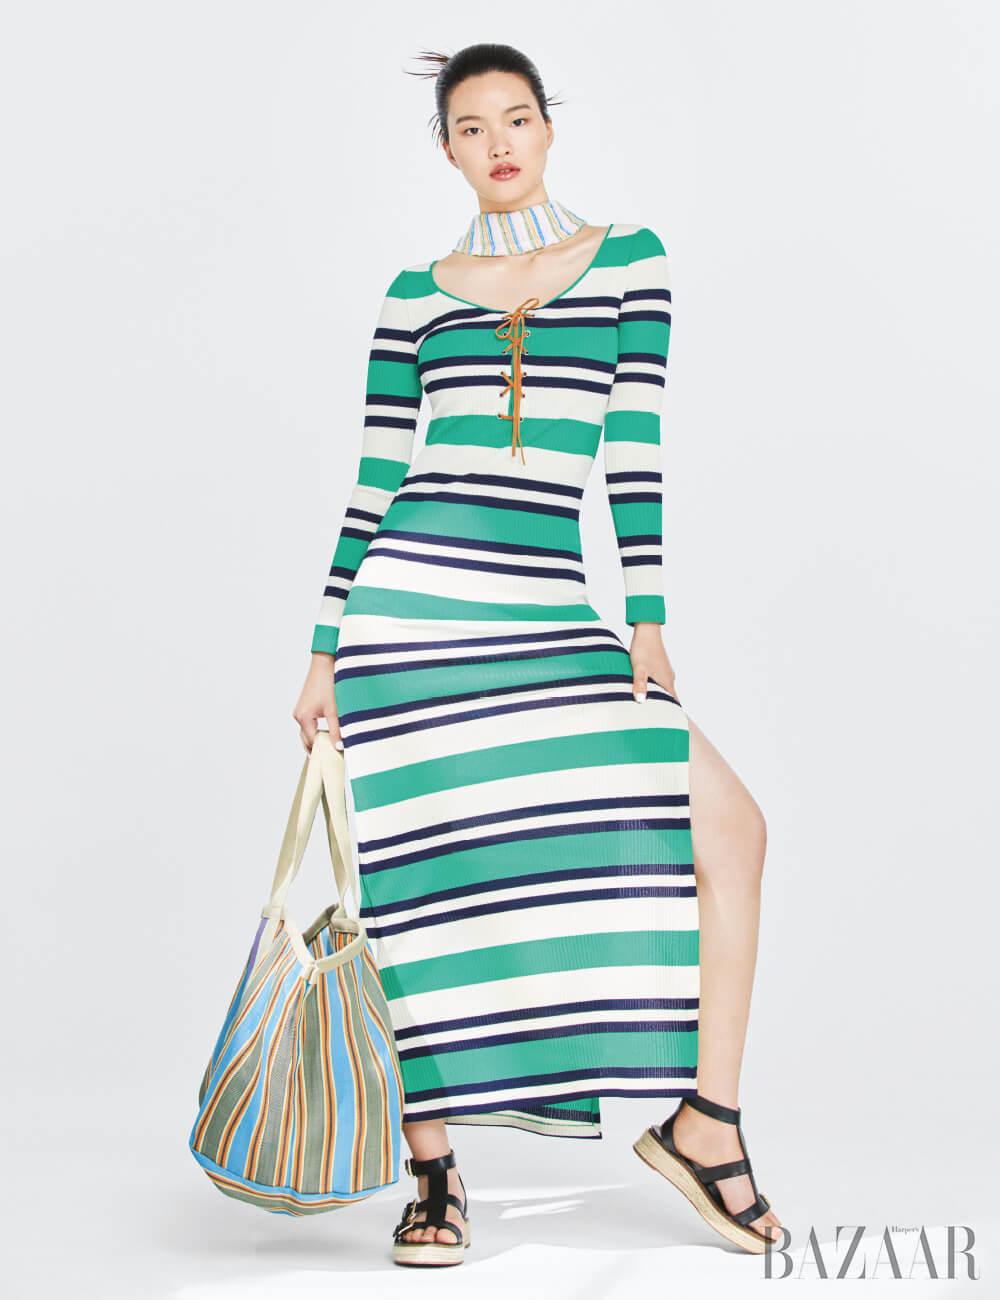 니트 롱 드레스는 1백44만원 Miu Miu, 롱 스카프는 가격 미정 Loewe, 오버사이즈 쇼퍼 백은 45만8천원 Isabel Marant Étoile, 샌들은 29만원 Michael Michael Kors.